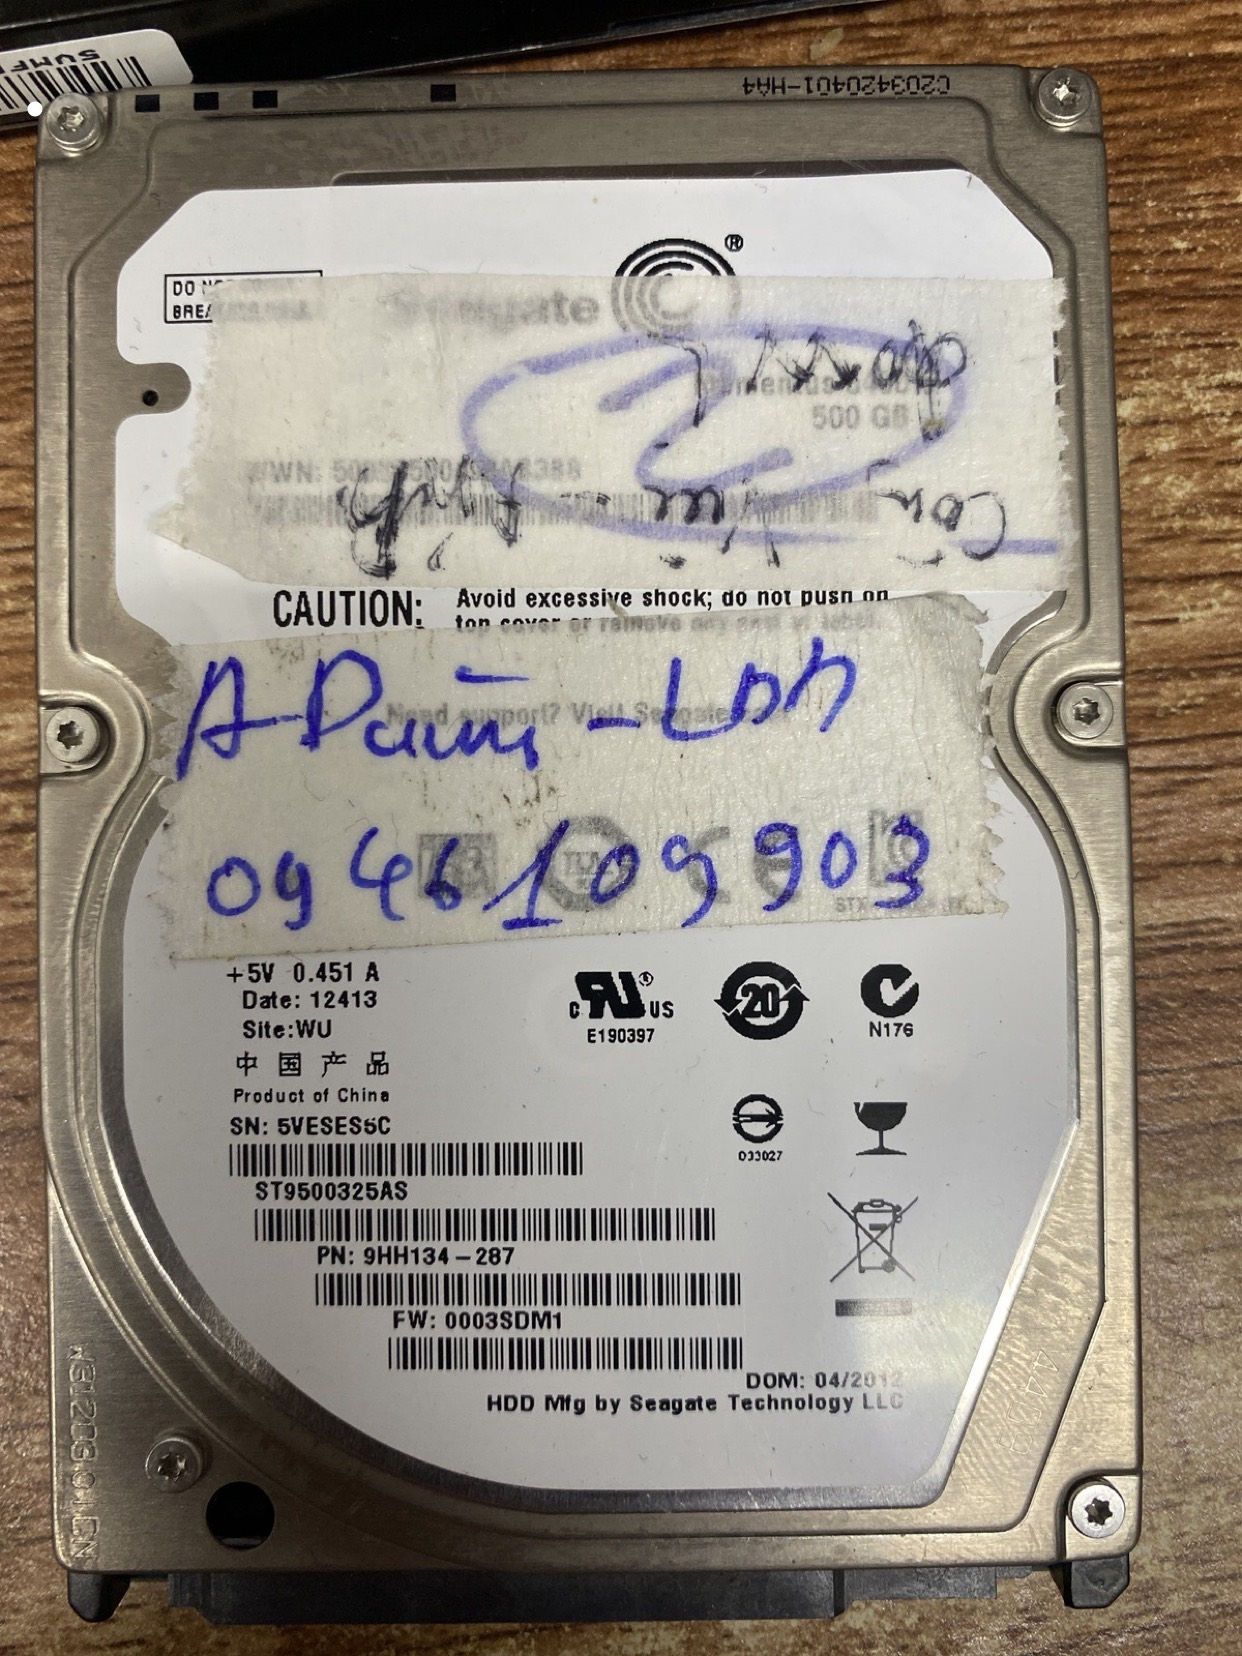 Khôi phục dữ liệu ổ cứng Seagate 500GB lỗi đầu đọc 07/03/2020 - cuumaytinh